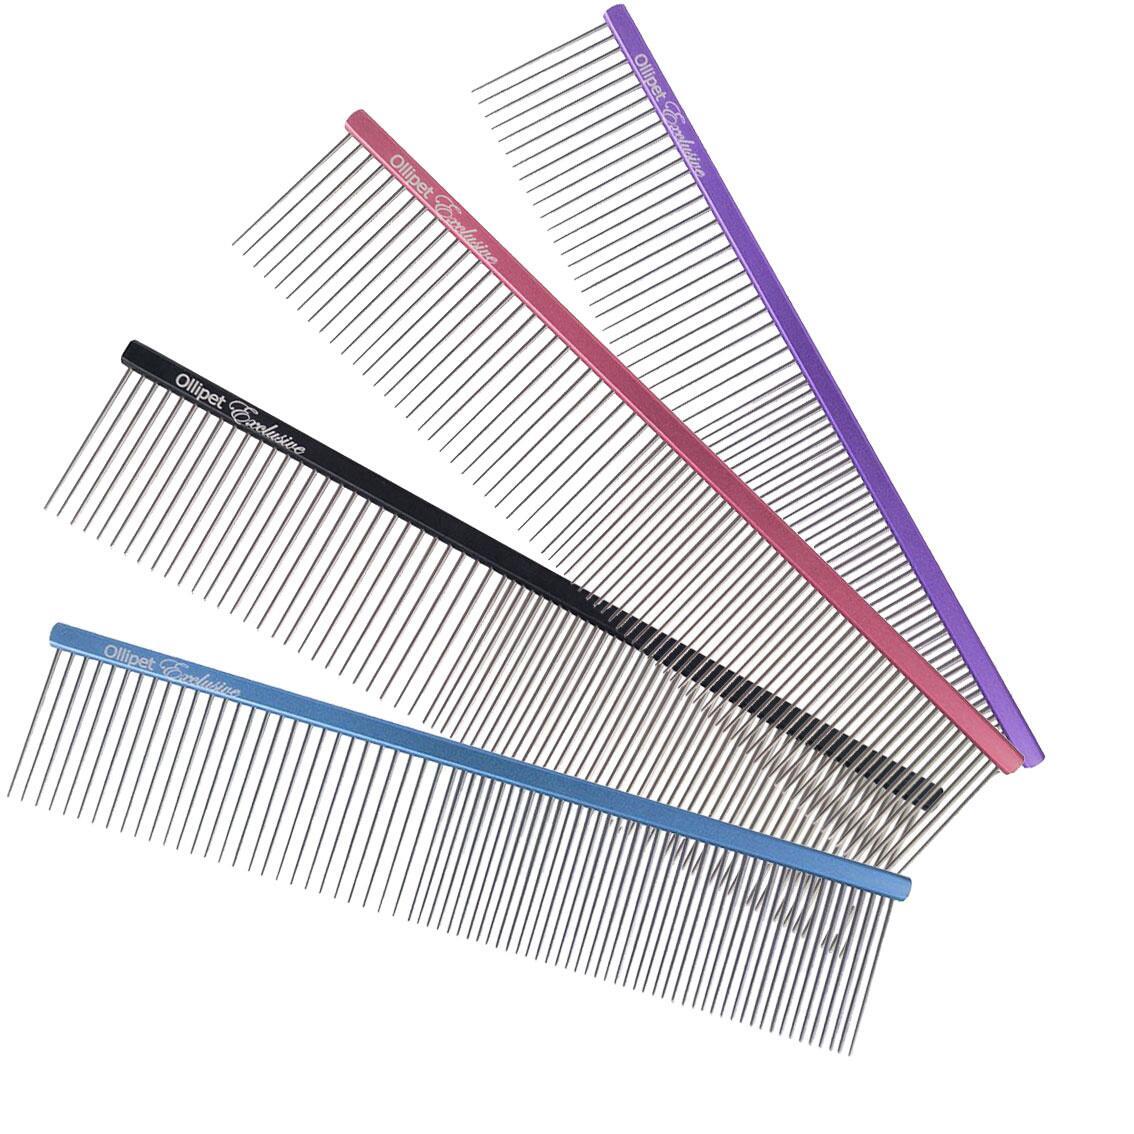 Ollipet Exclusive comb groomingkam Image